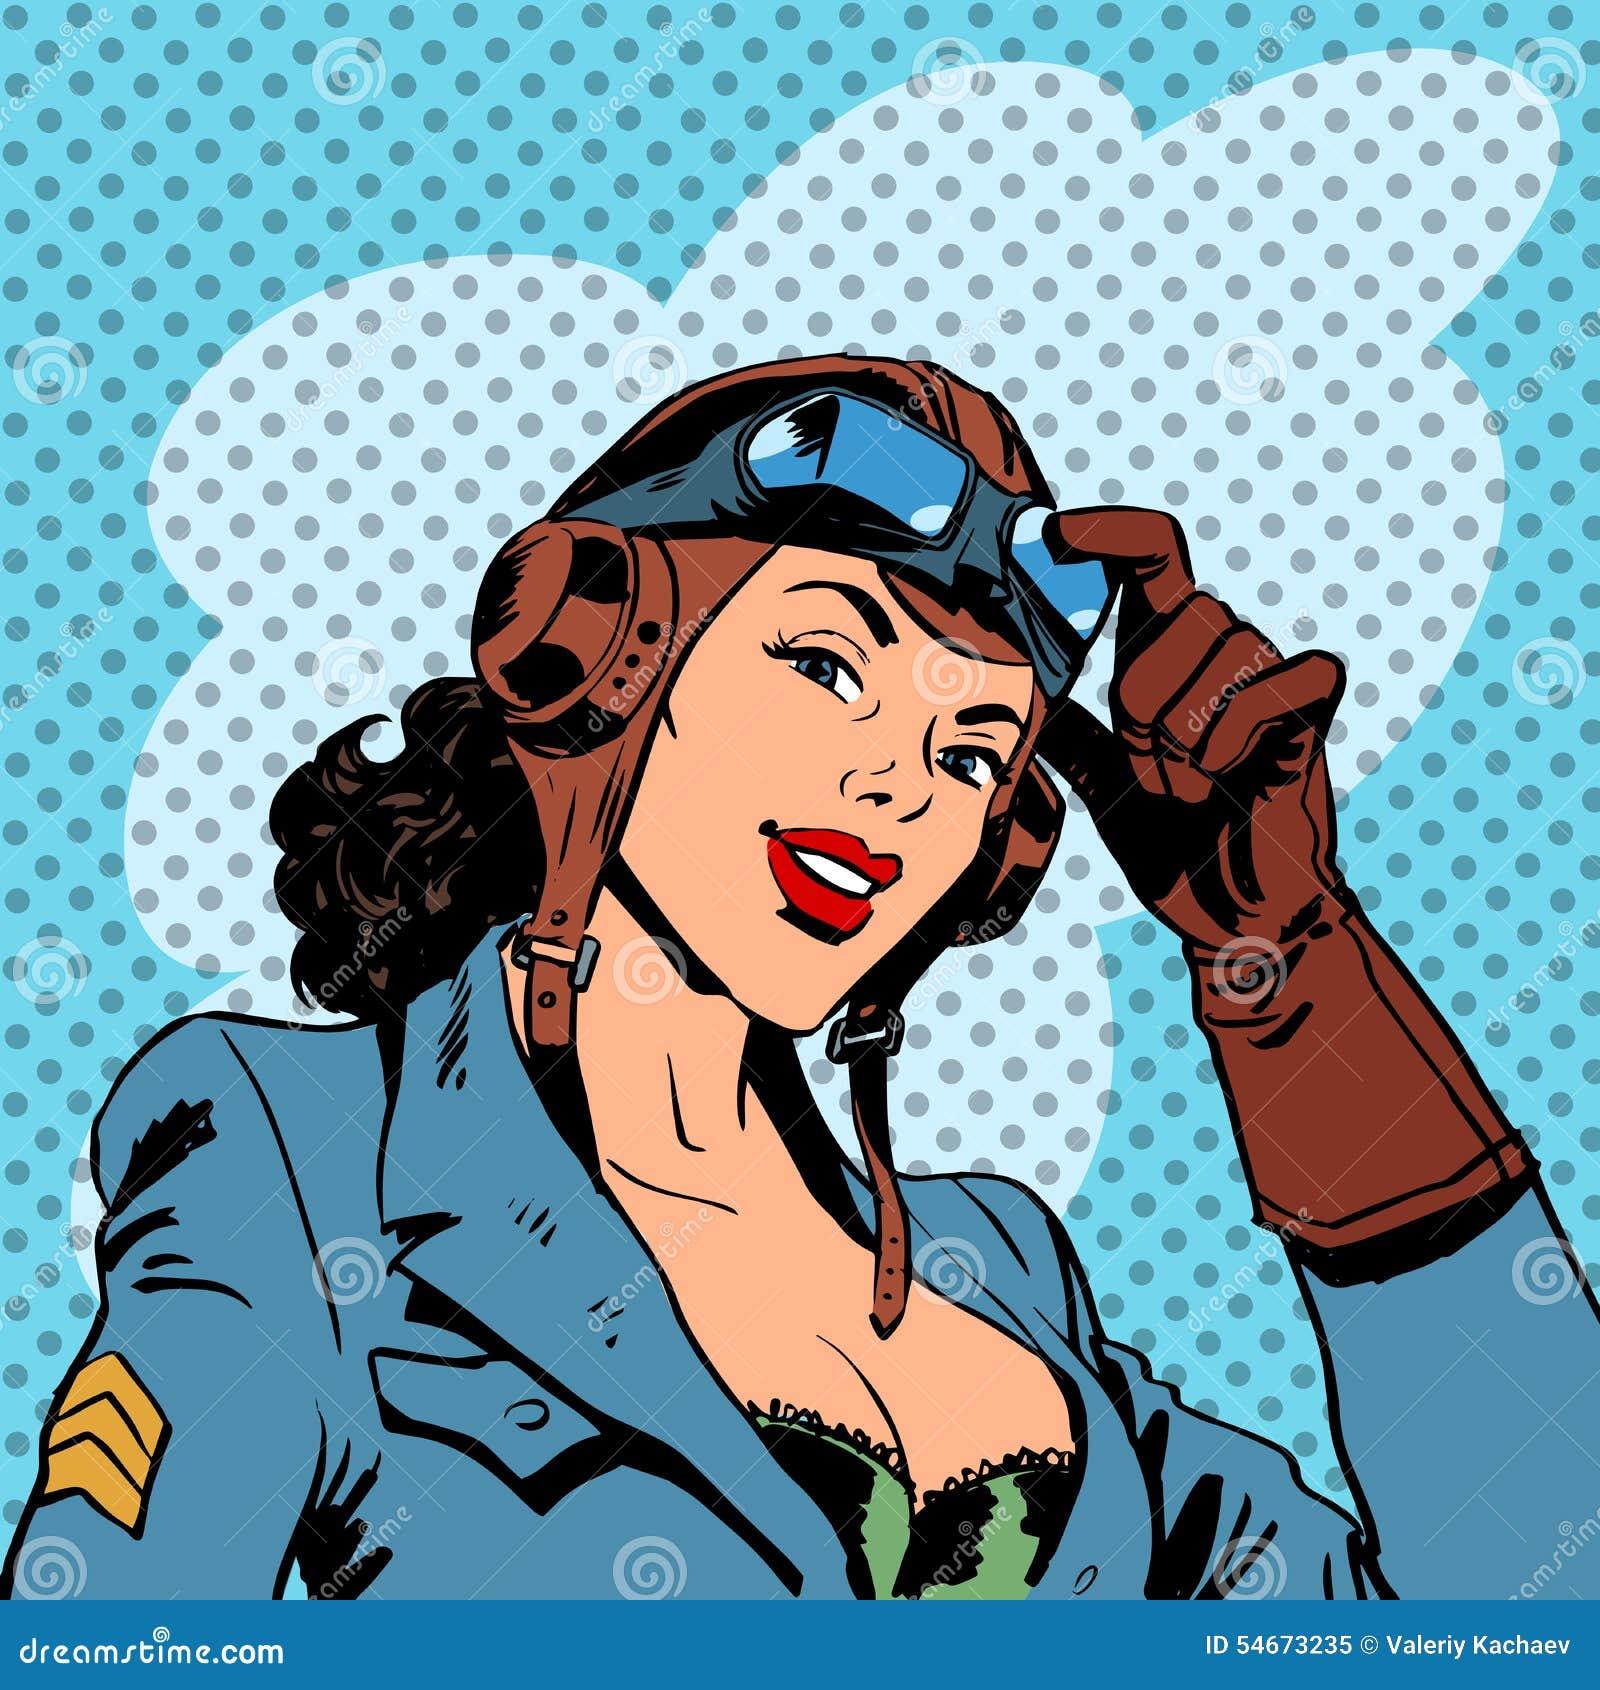 Pin up girl pilot aviation army beauty pop art